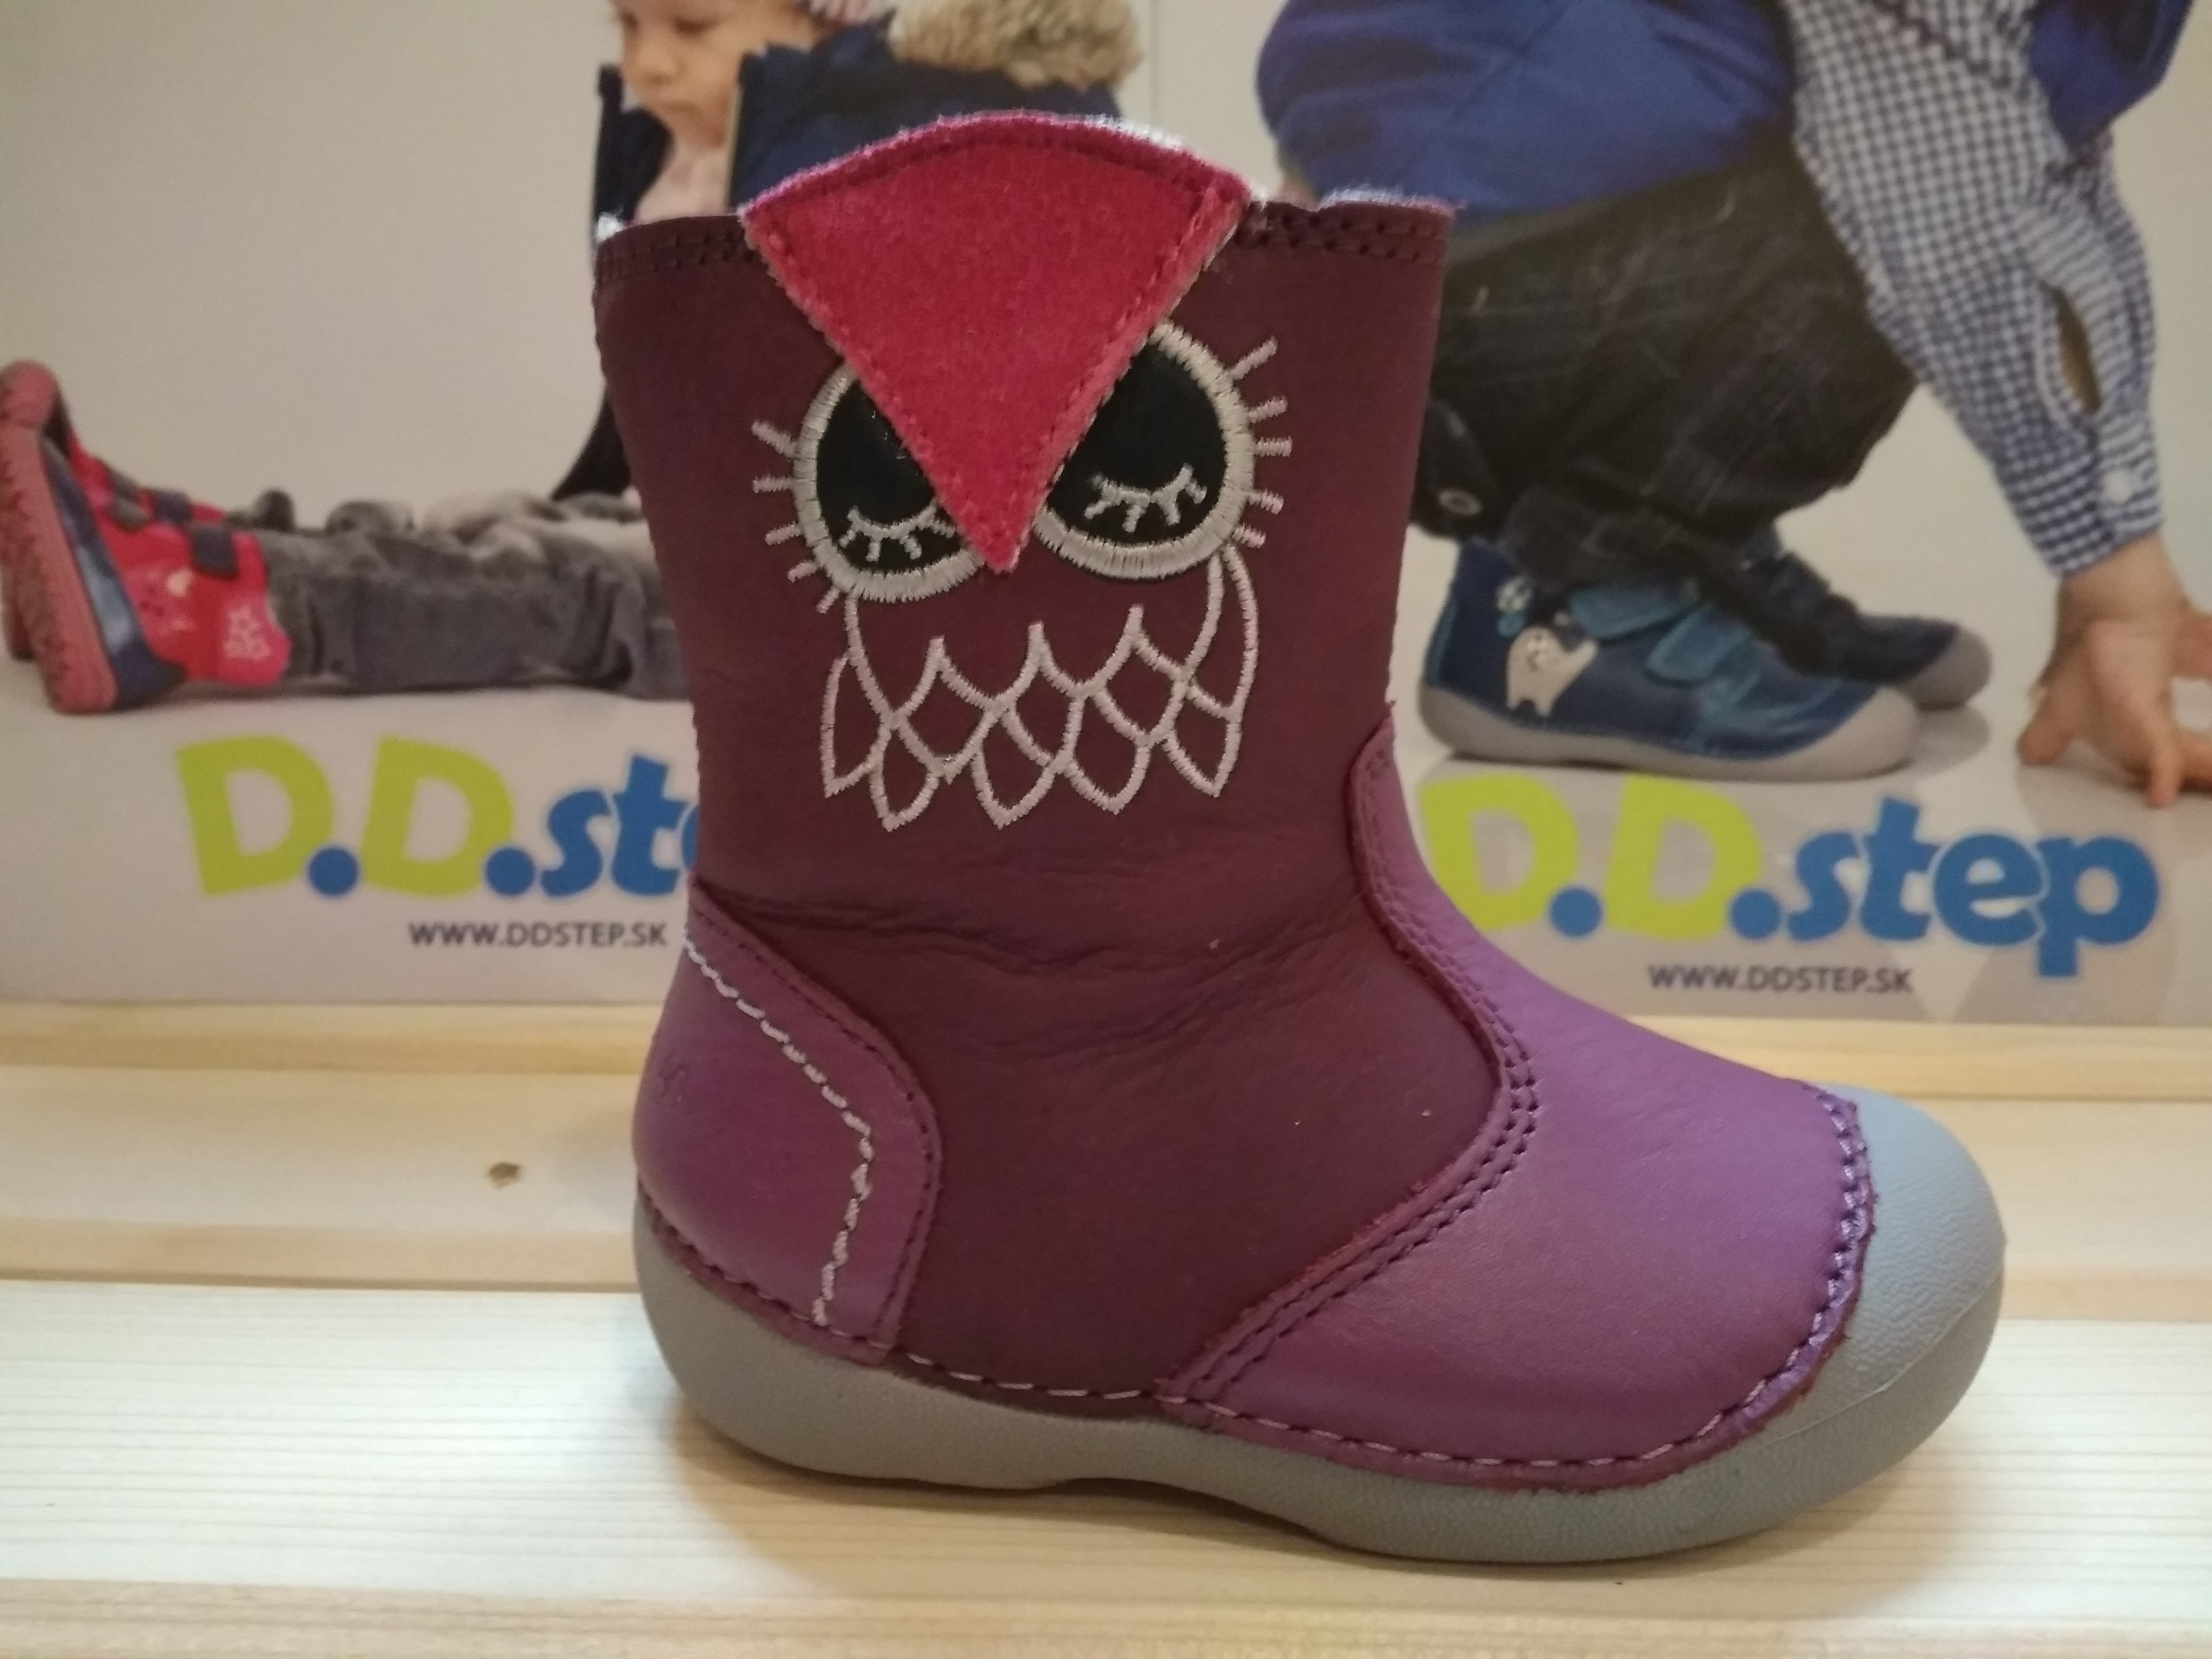 1a7ae7b7cbb Zimná kožená obuv D.D.step 015-157B